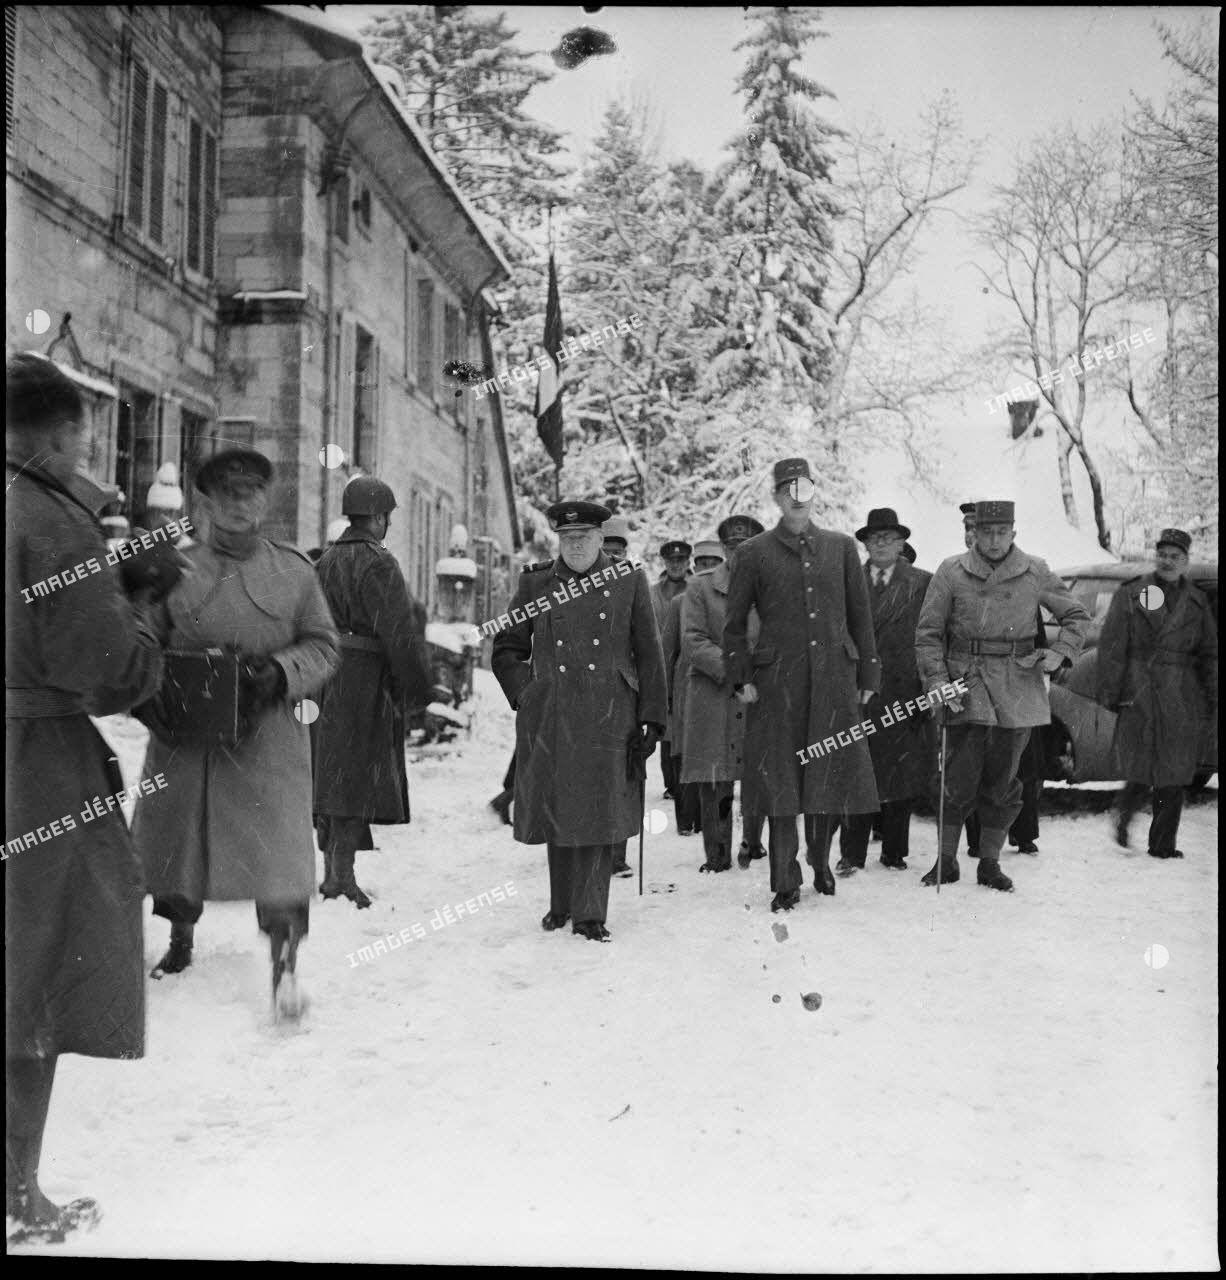 Winston Churchill, premier ministre de Grande-Bretagne, et le général de Gaulle, rendent visite à la 1re armée au poste de commandement de la 9e division d'infanterie coloniale (DIC) installé au château de Montalembert à Maîche (Doubs).